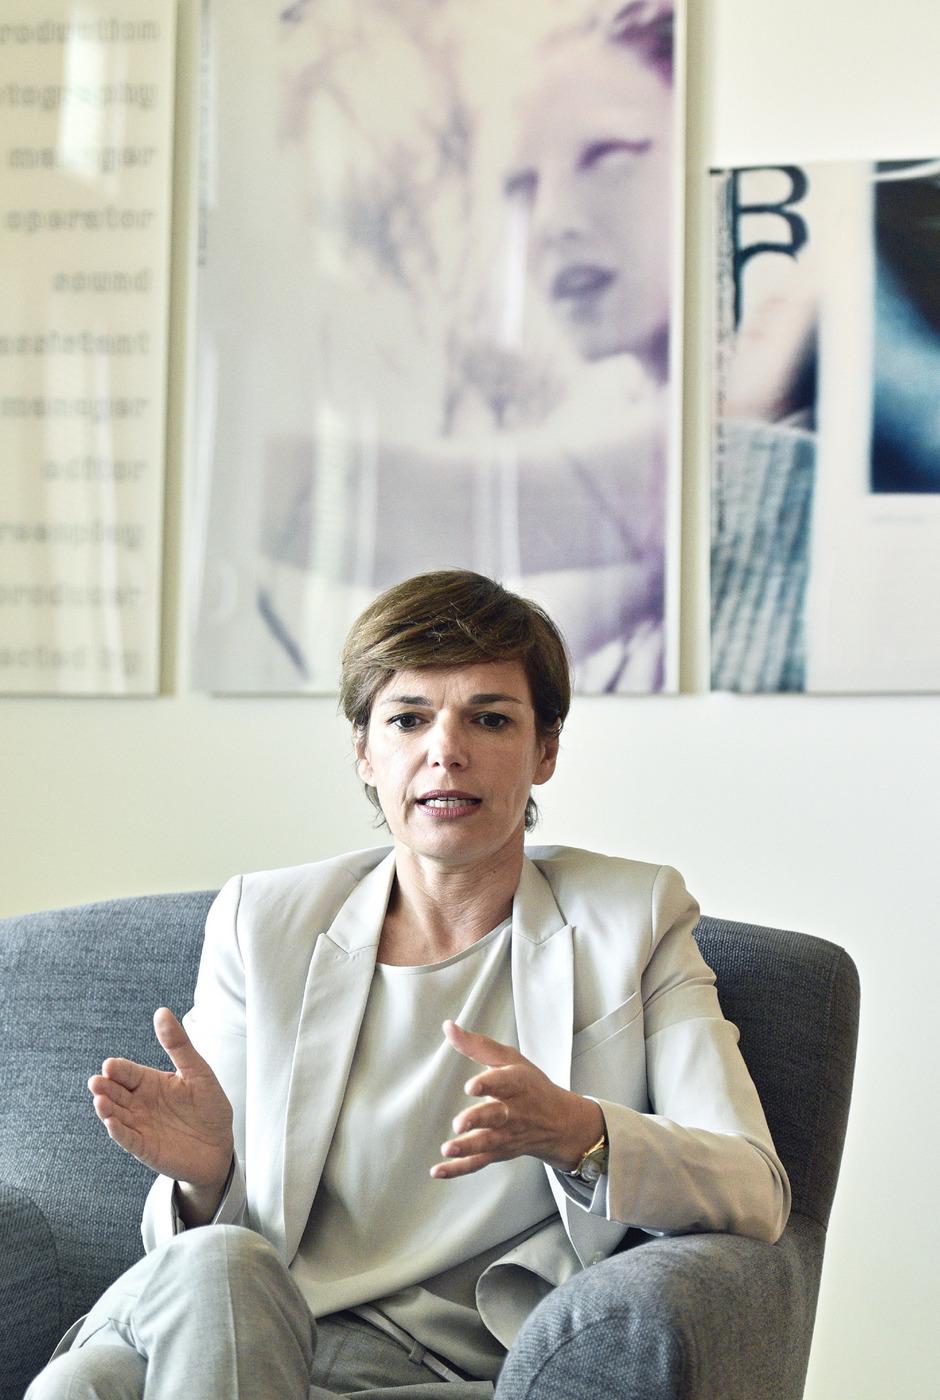 Gesundheits- und Frauenministerin Pamela Rendi-Wagner wird für Kanzler Christian Kern immer mehr zum Atout.